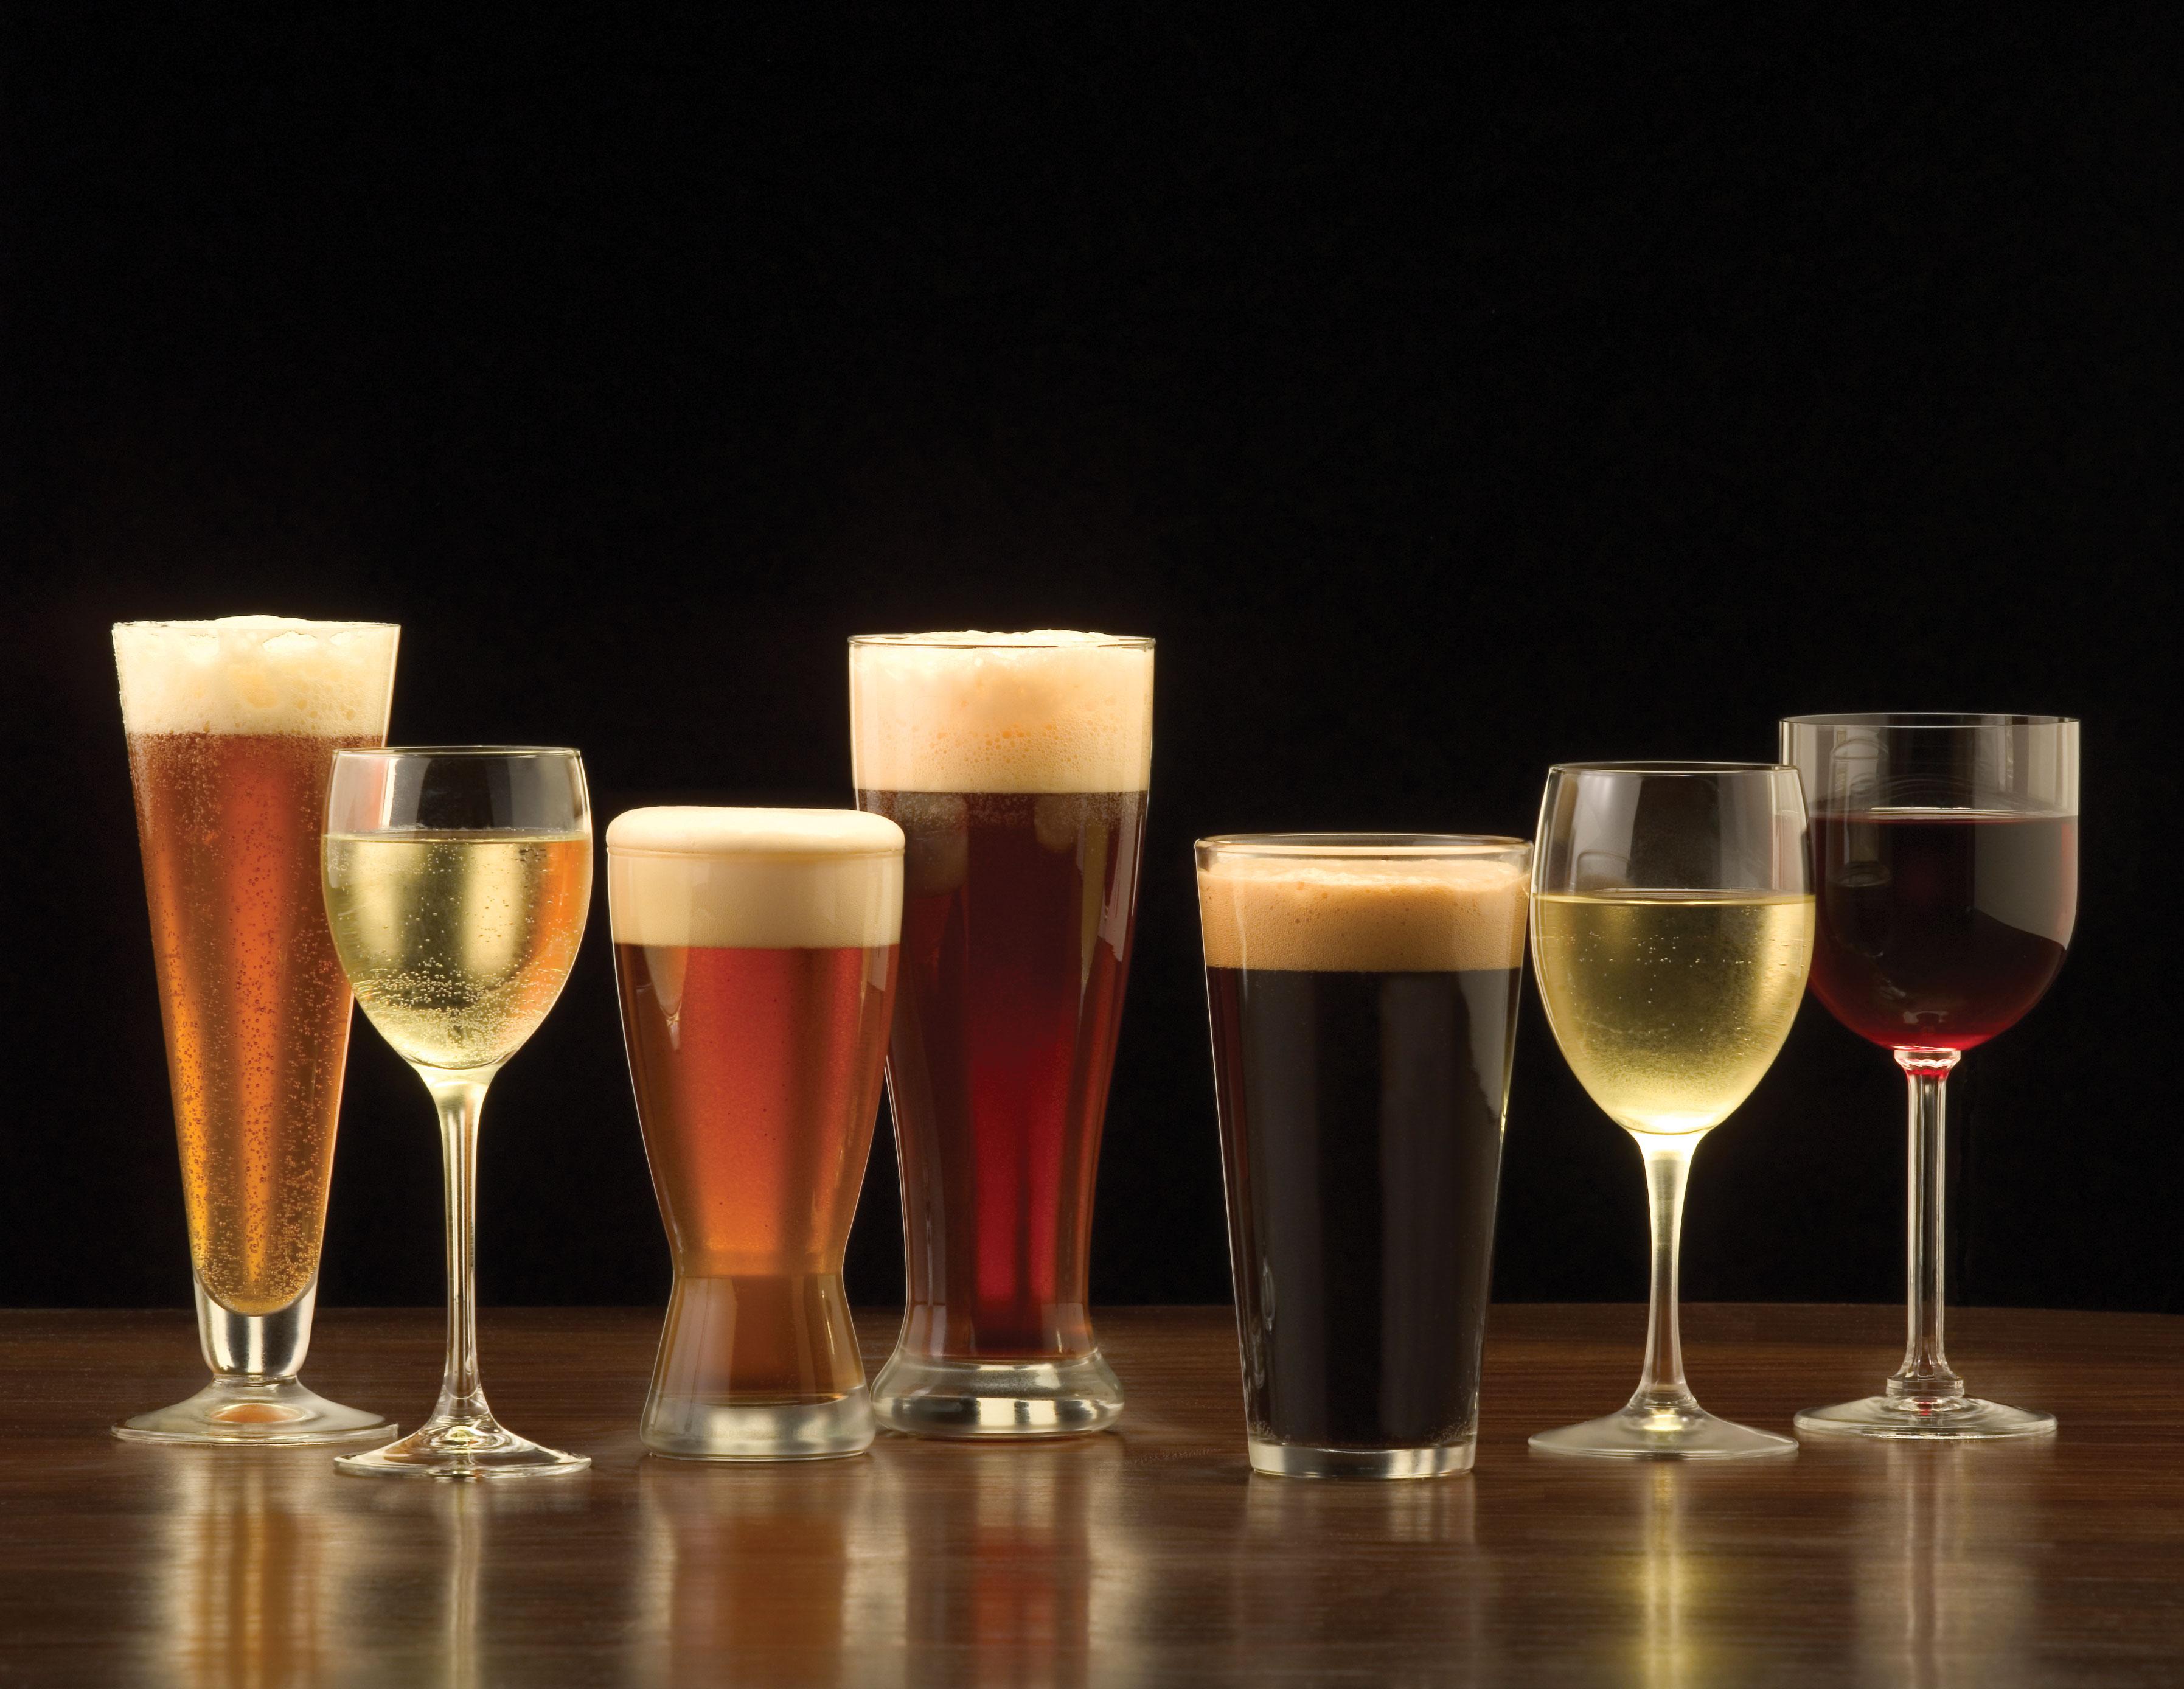 BeerWine177521527.jpg